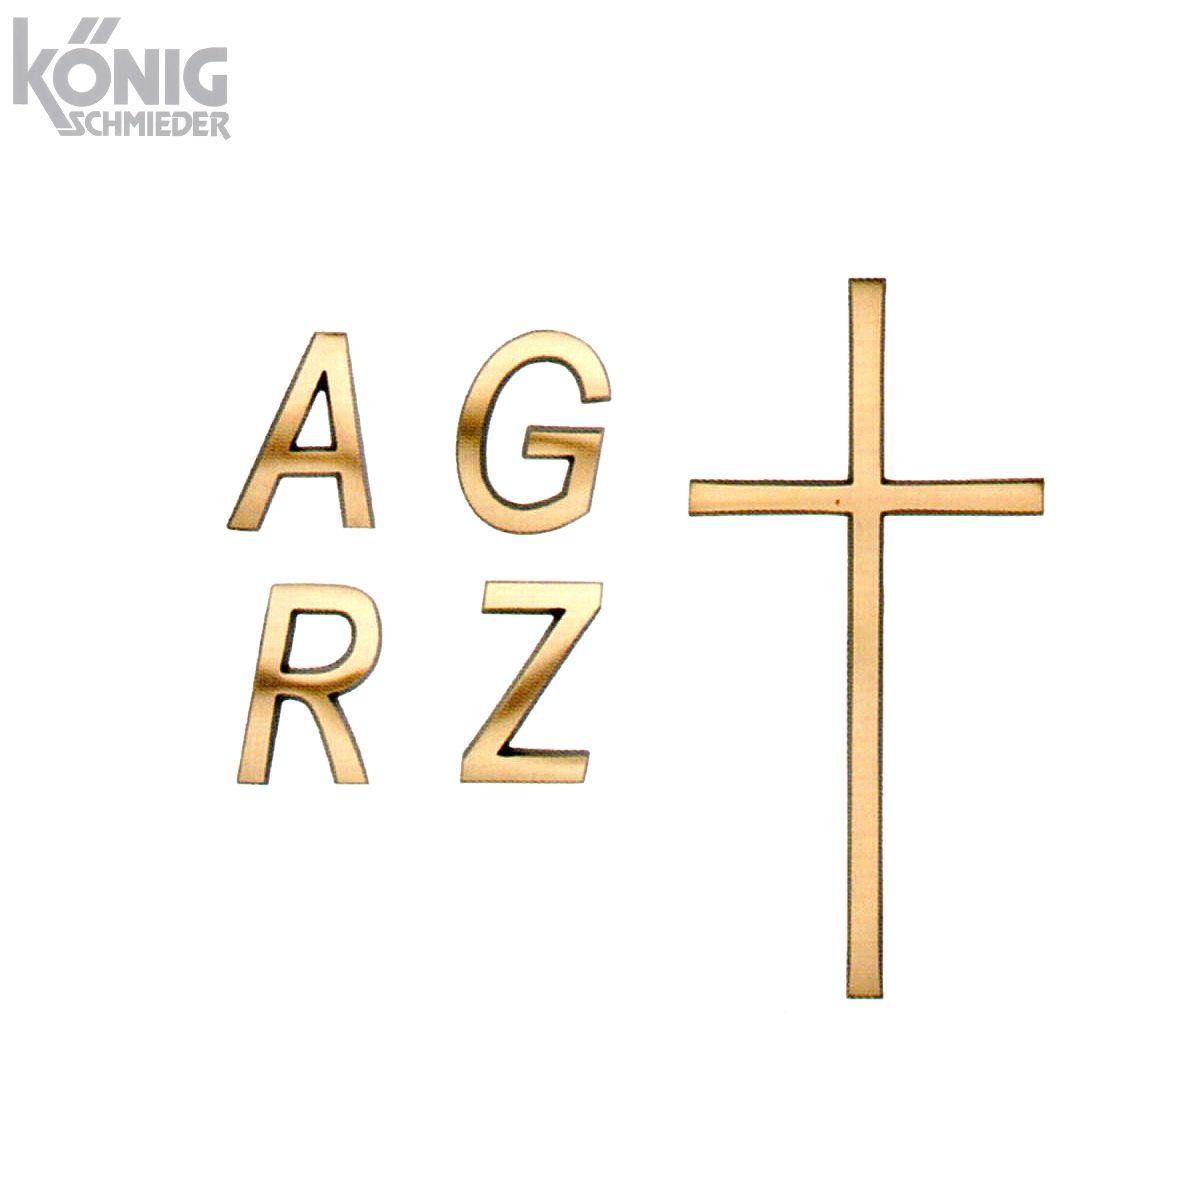 Bronzebuchstaben Und Aluminiumbuchstaben Typ Konvexa